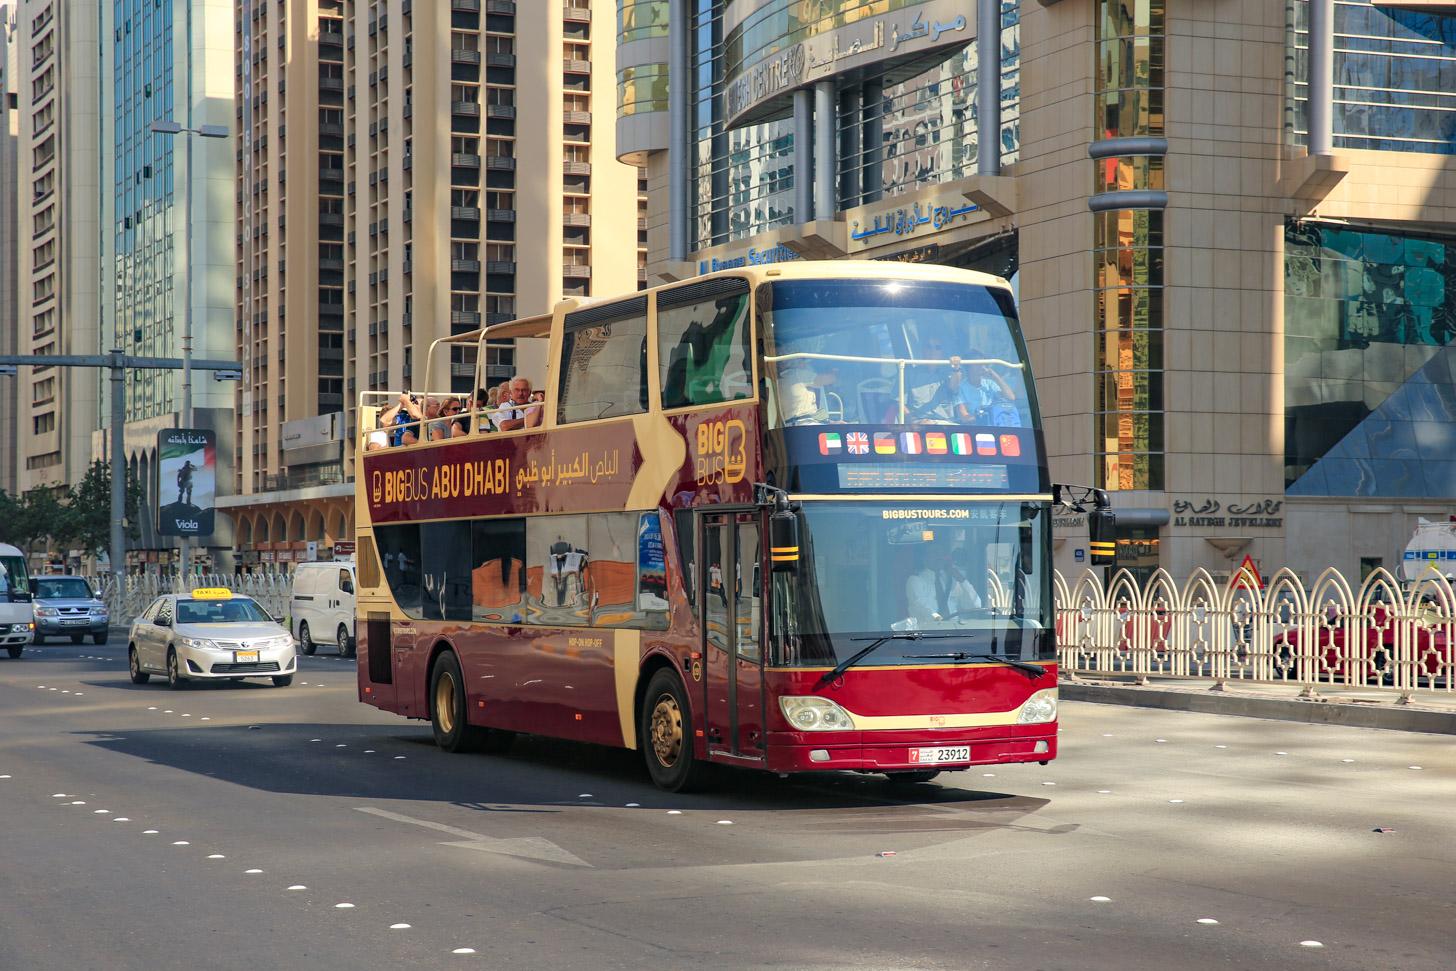 De toeristische bus van Big Bus